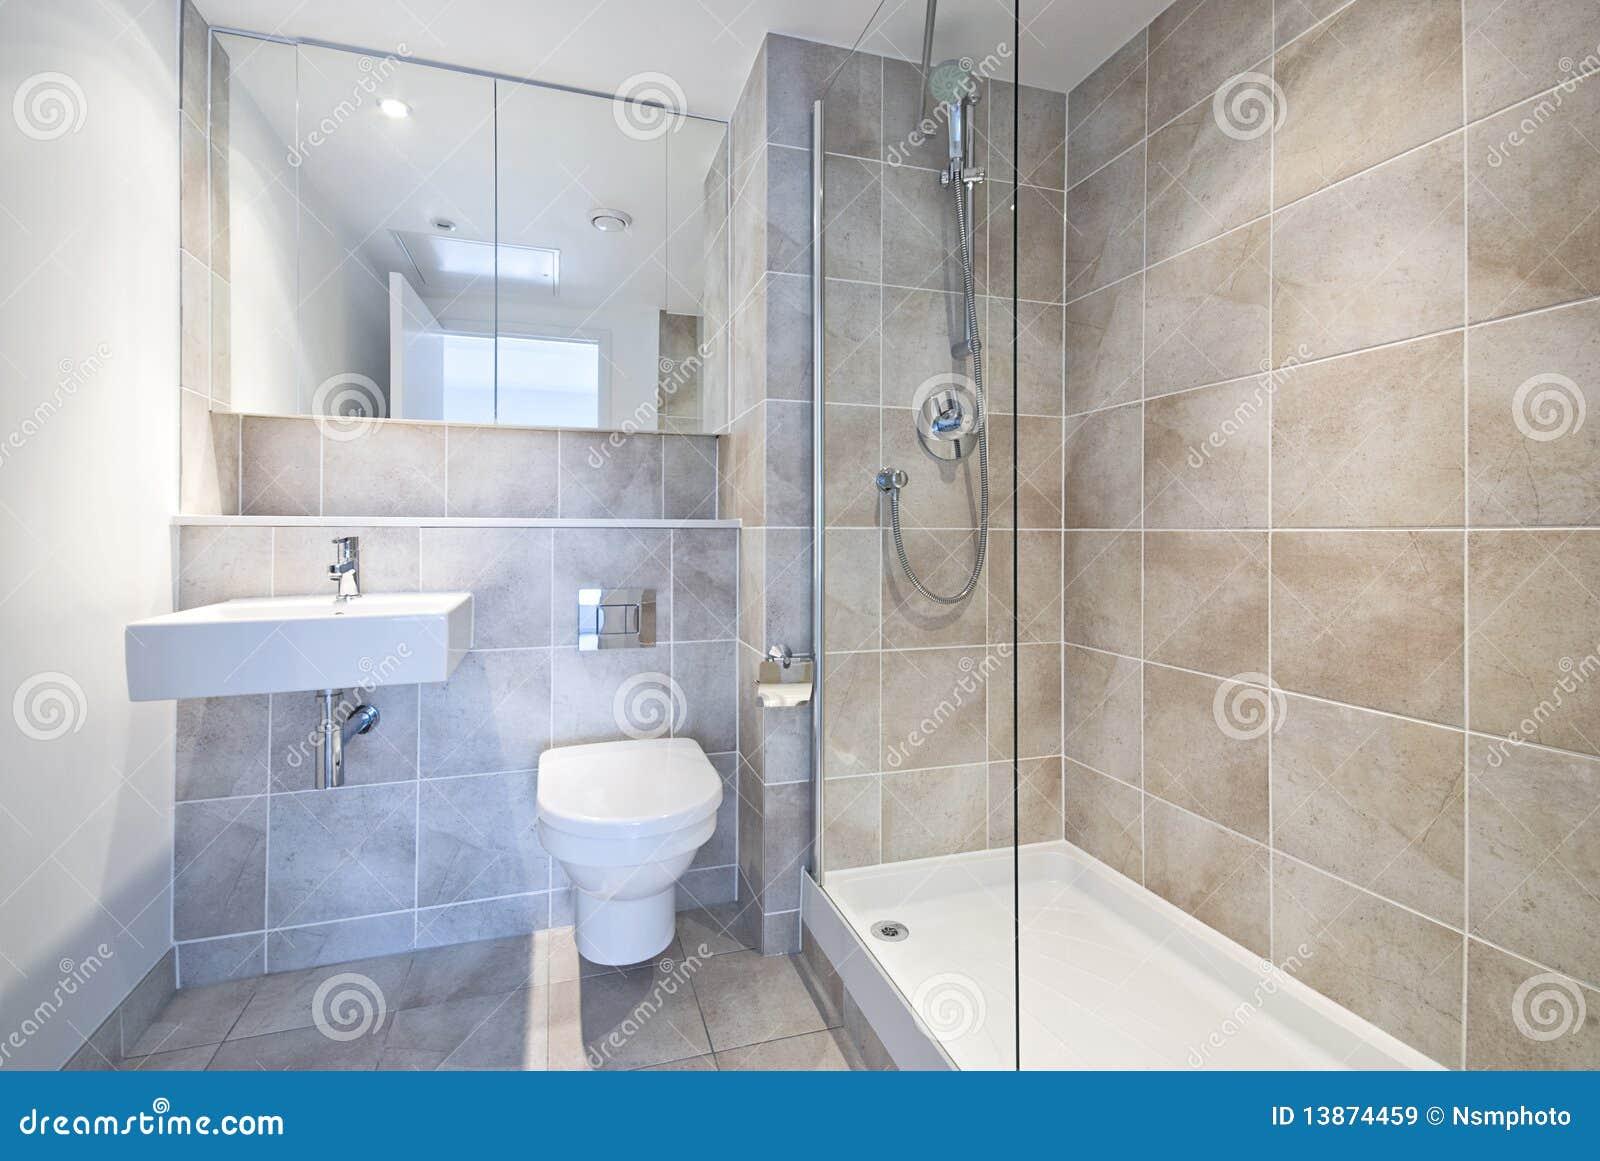 Bain douche moderne for Salle de bain douche